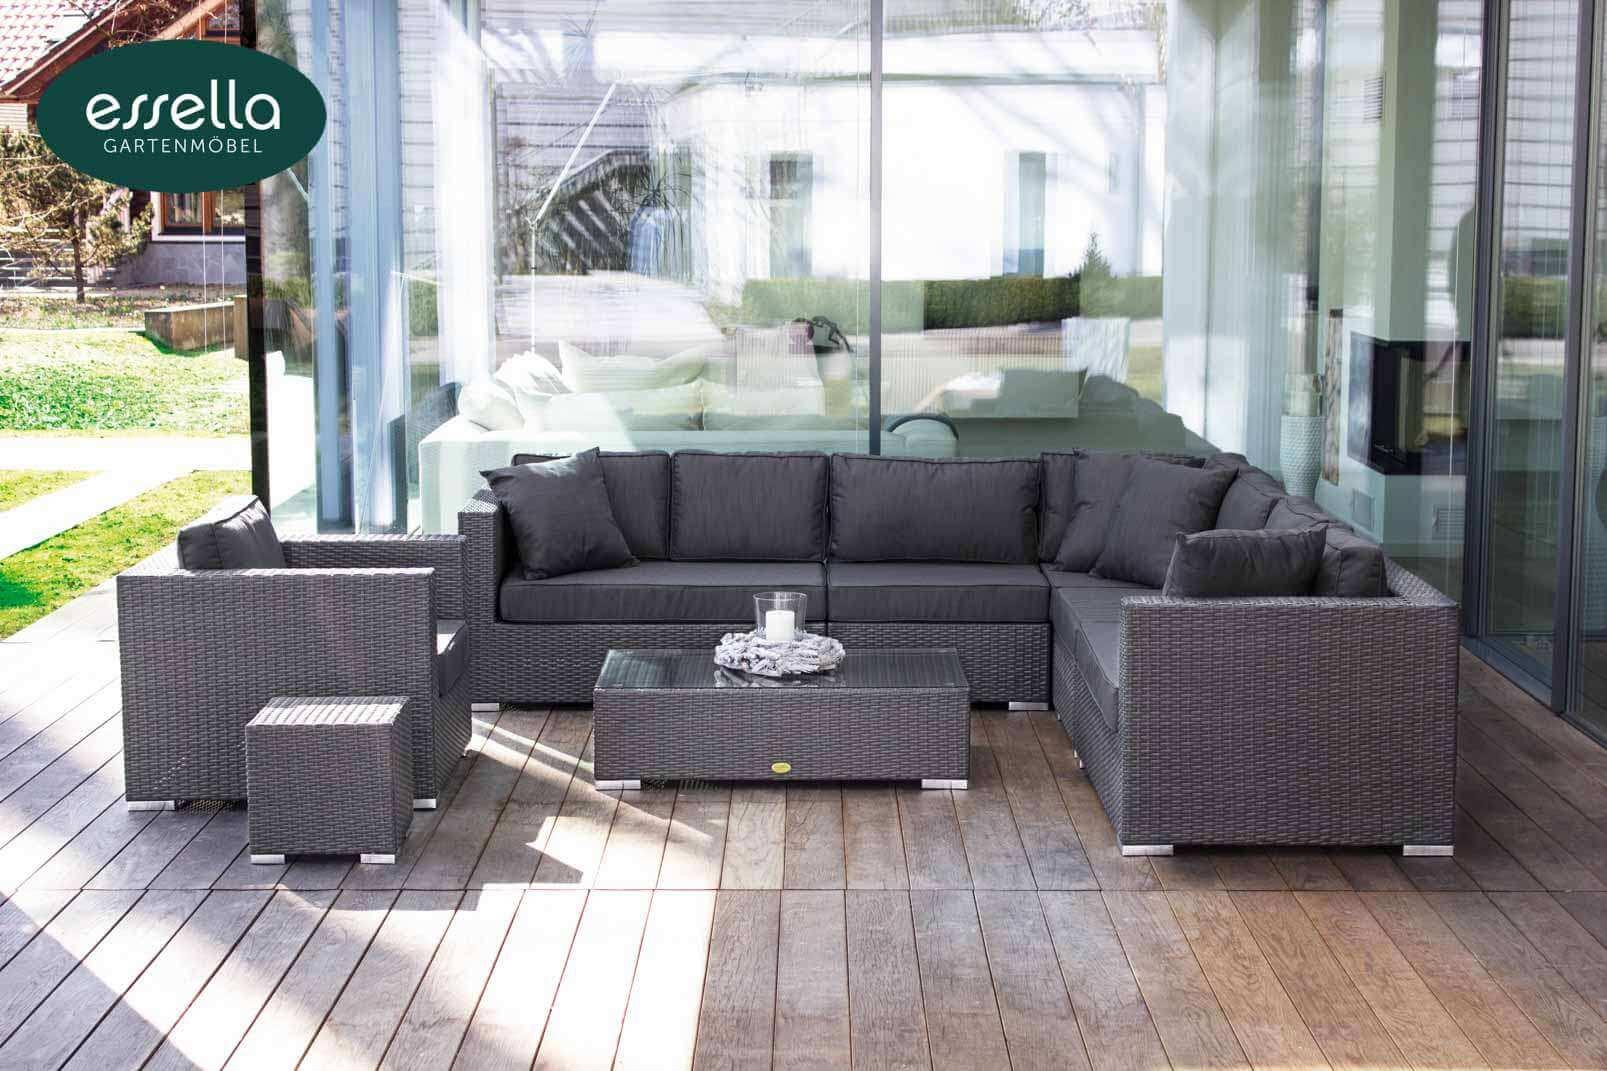 Essella Polyrattan Loungemöbel Miami Flachgeflecht | TOO Design Gartenmöbel